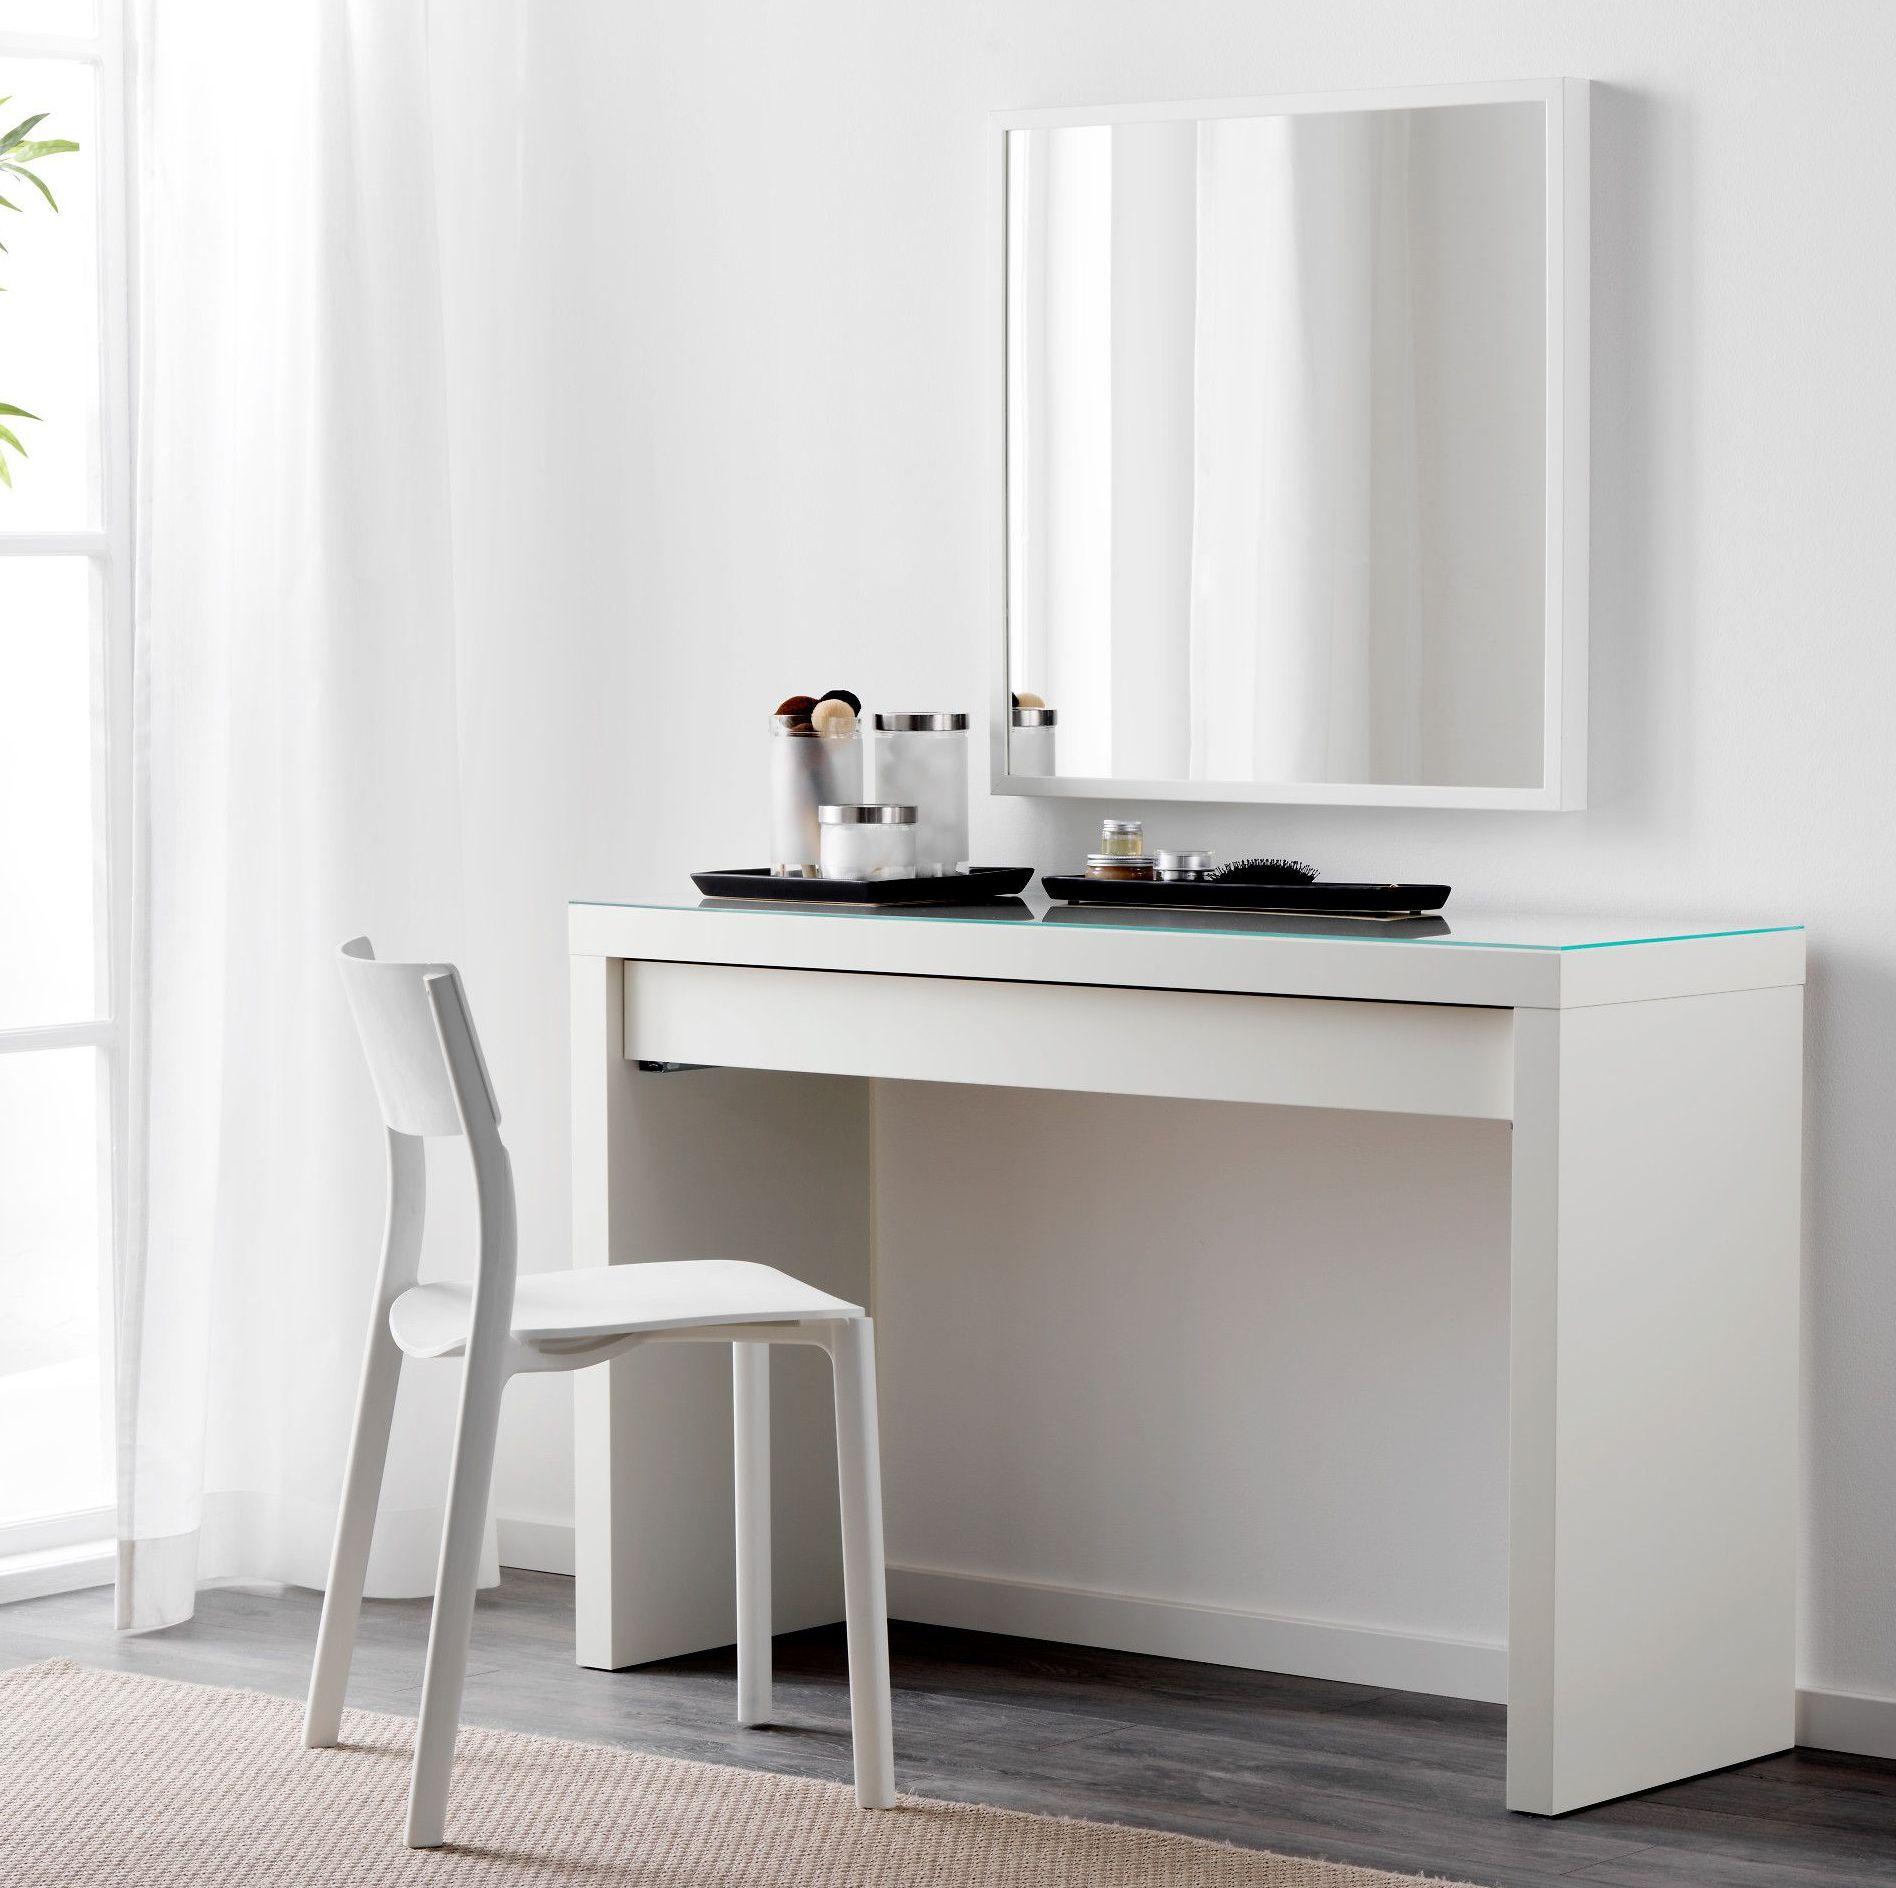 Table Rabattable Petit Espace table pliante ikea: modèles muraux, options de pliage pour